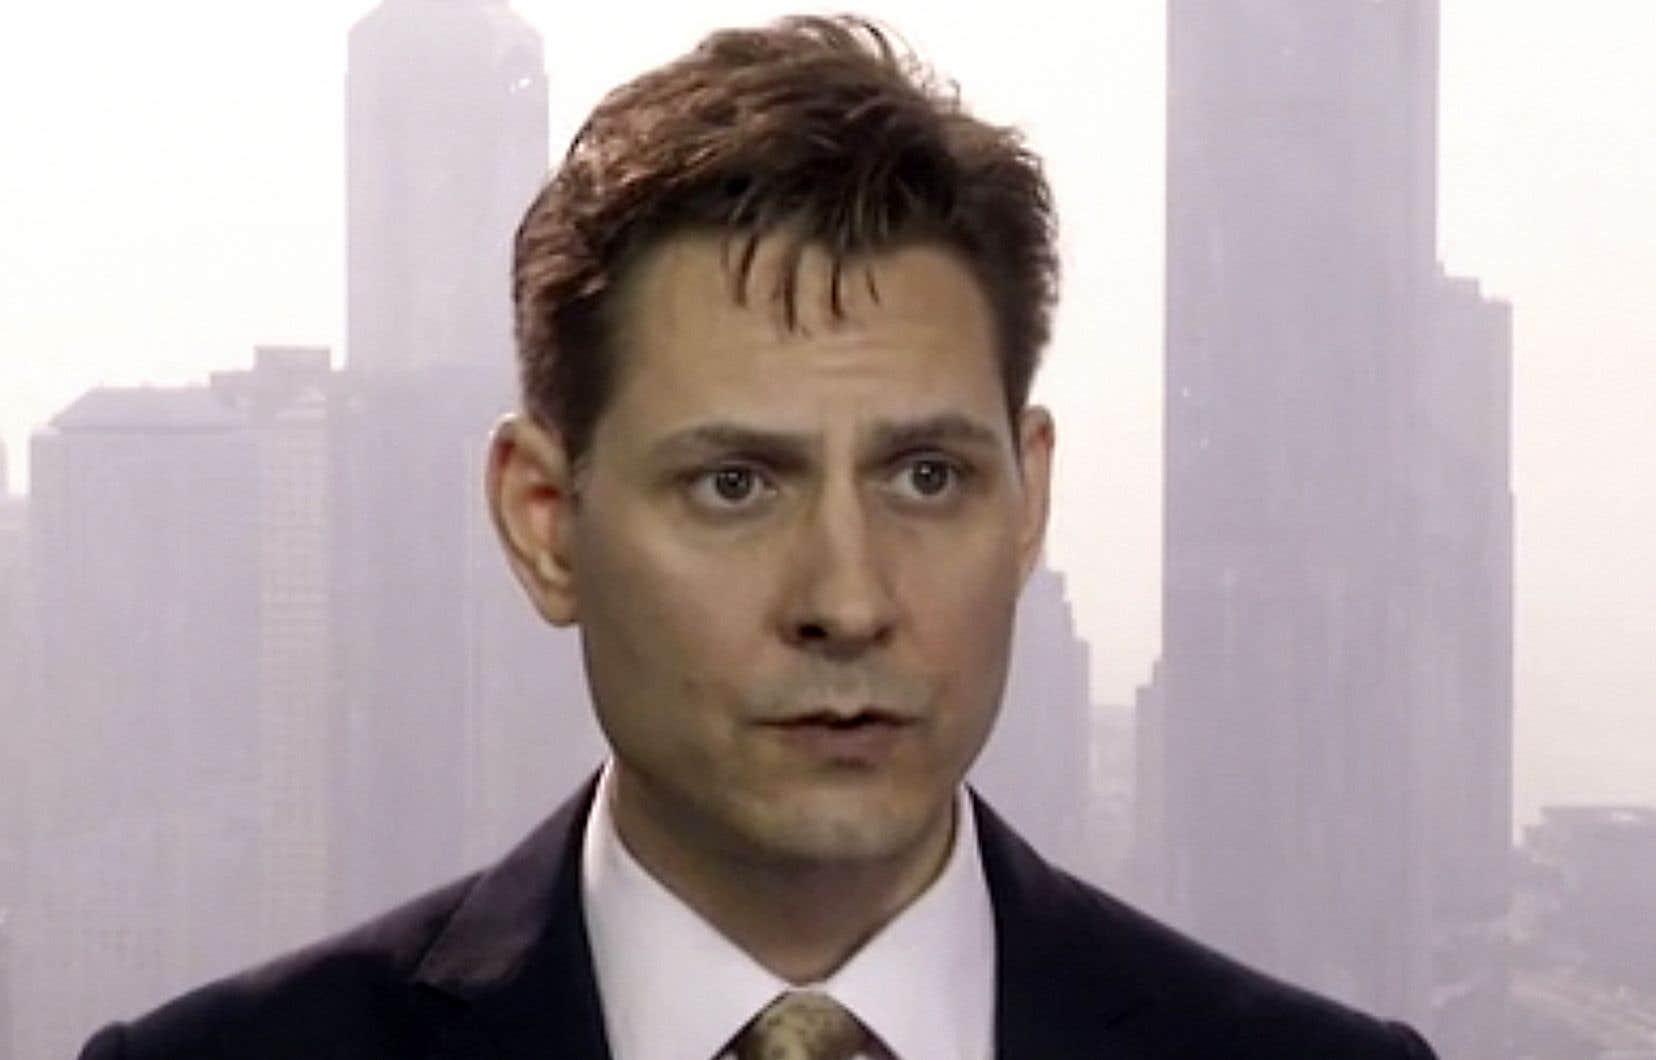 Michael Kovrig (photo) et un autre Canadien, l'homme d'affaires Michael Spavor, ont été arrêtés pour avoir supposément porté atteinte à la sécurité nationale de la Chine.